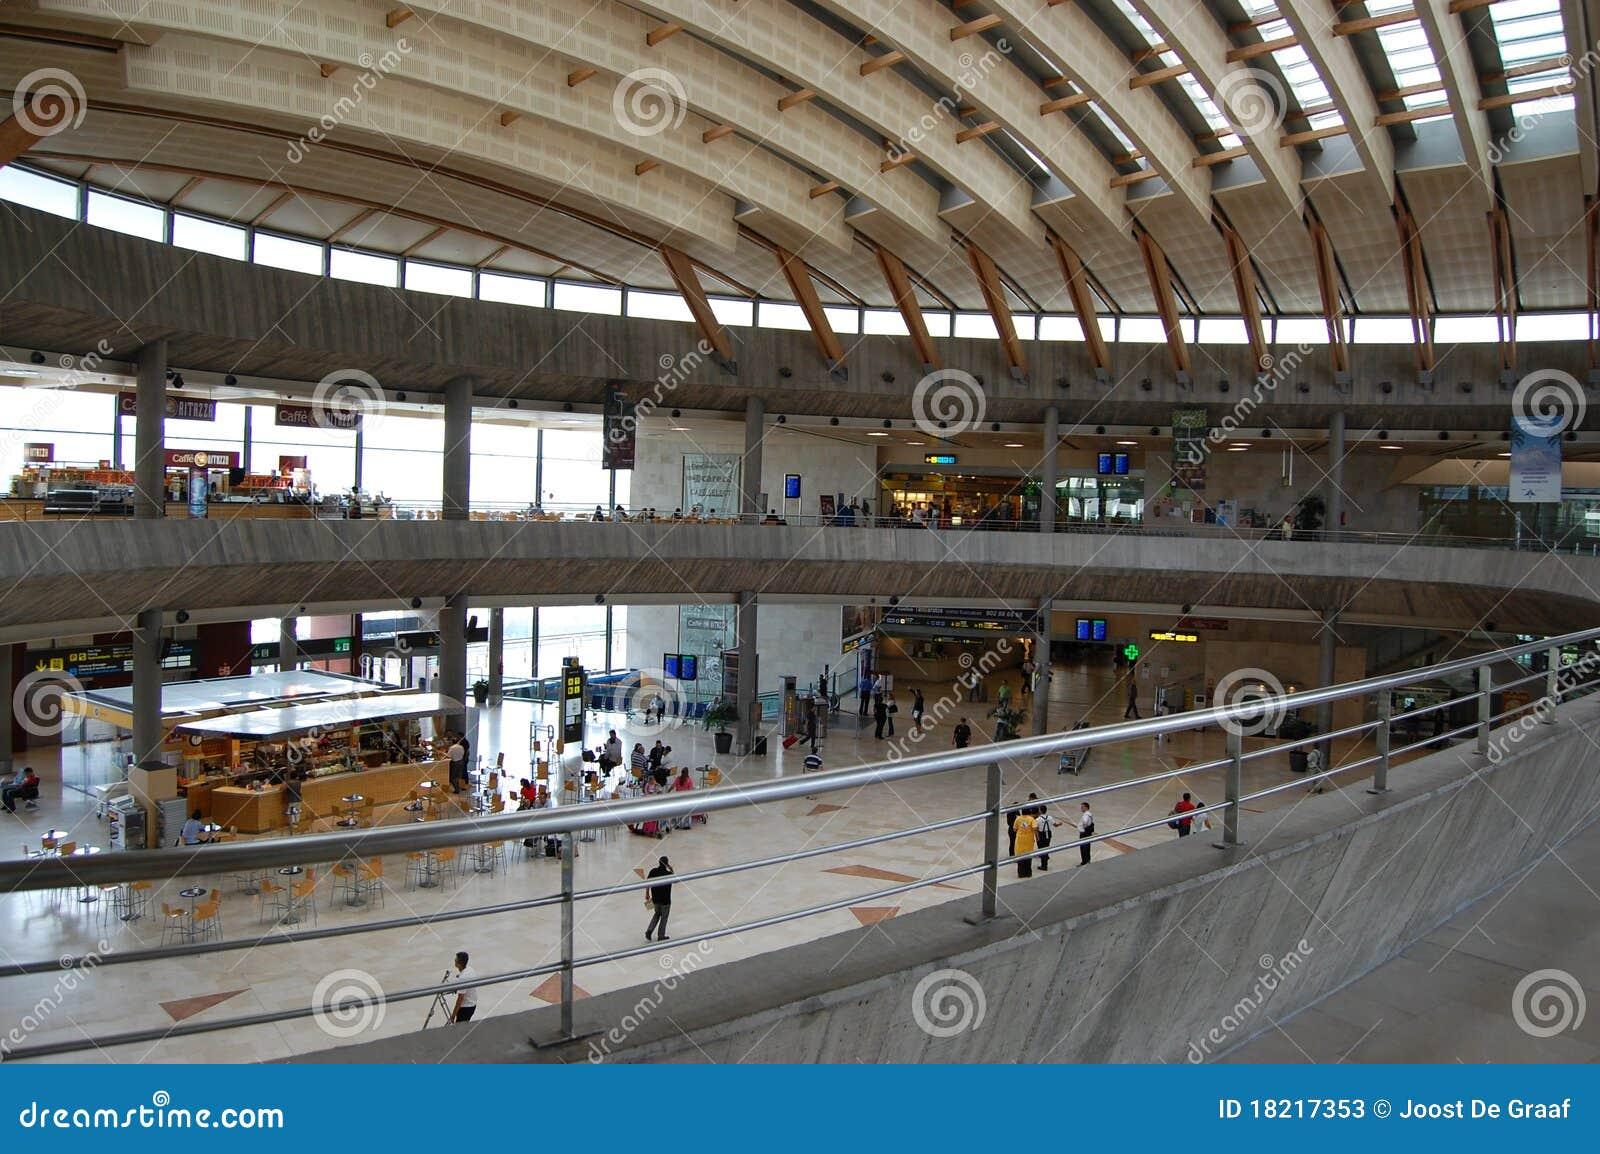 Aeroporto Tenerife Sud : Terminale di aeroporto tenerife norte fotografia stock editoriale